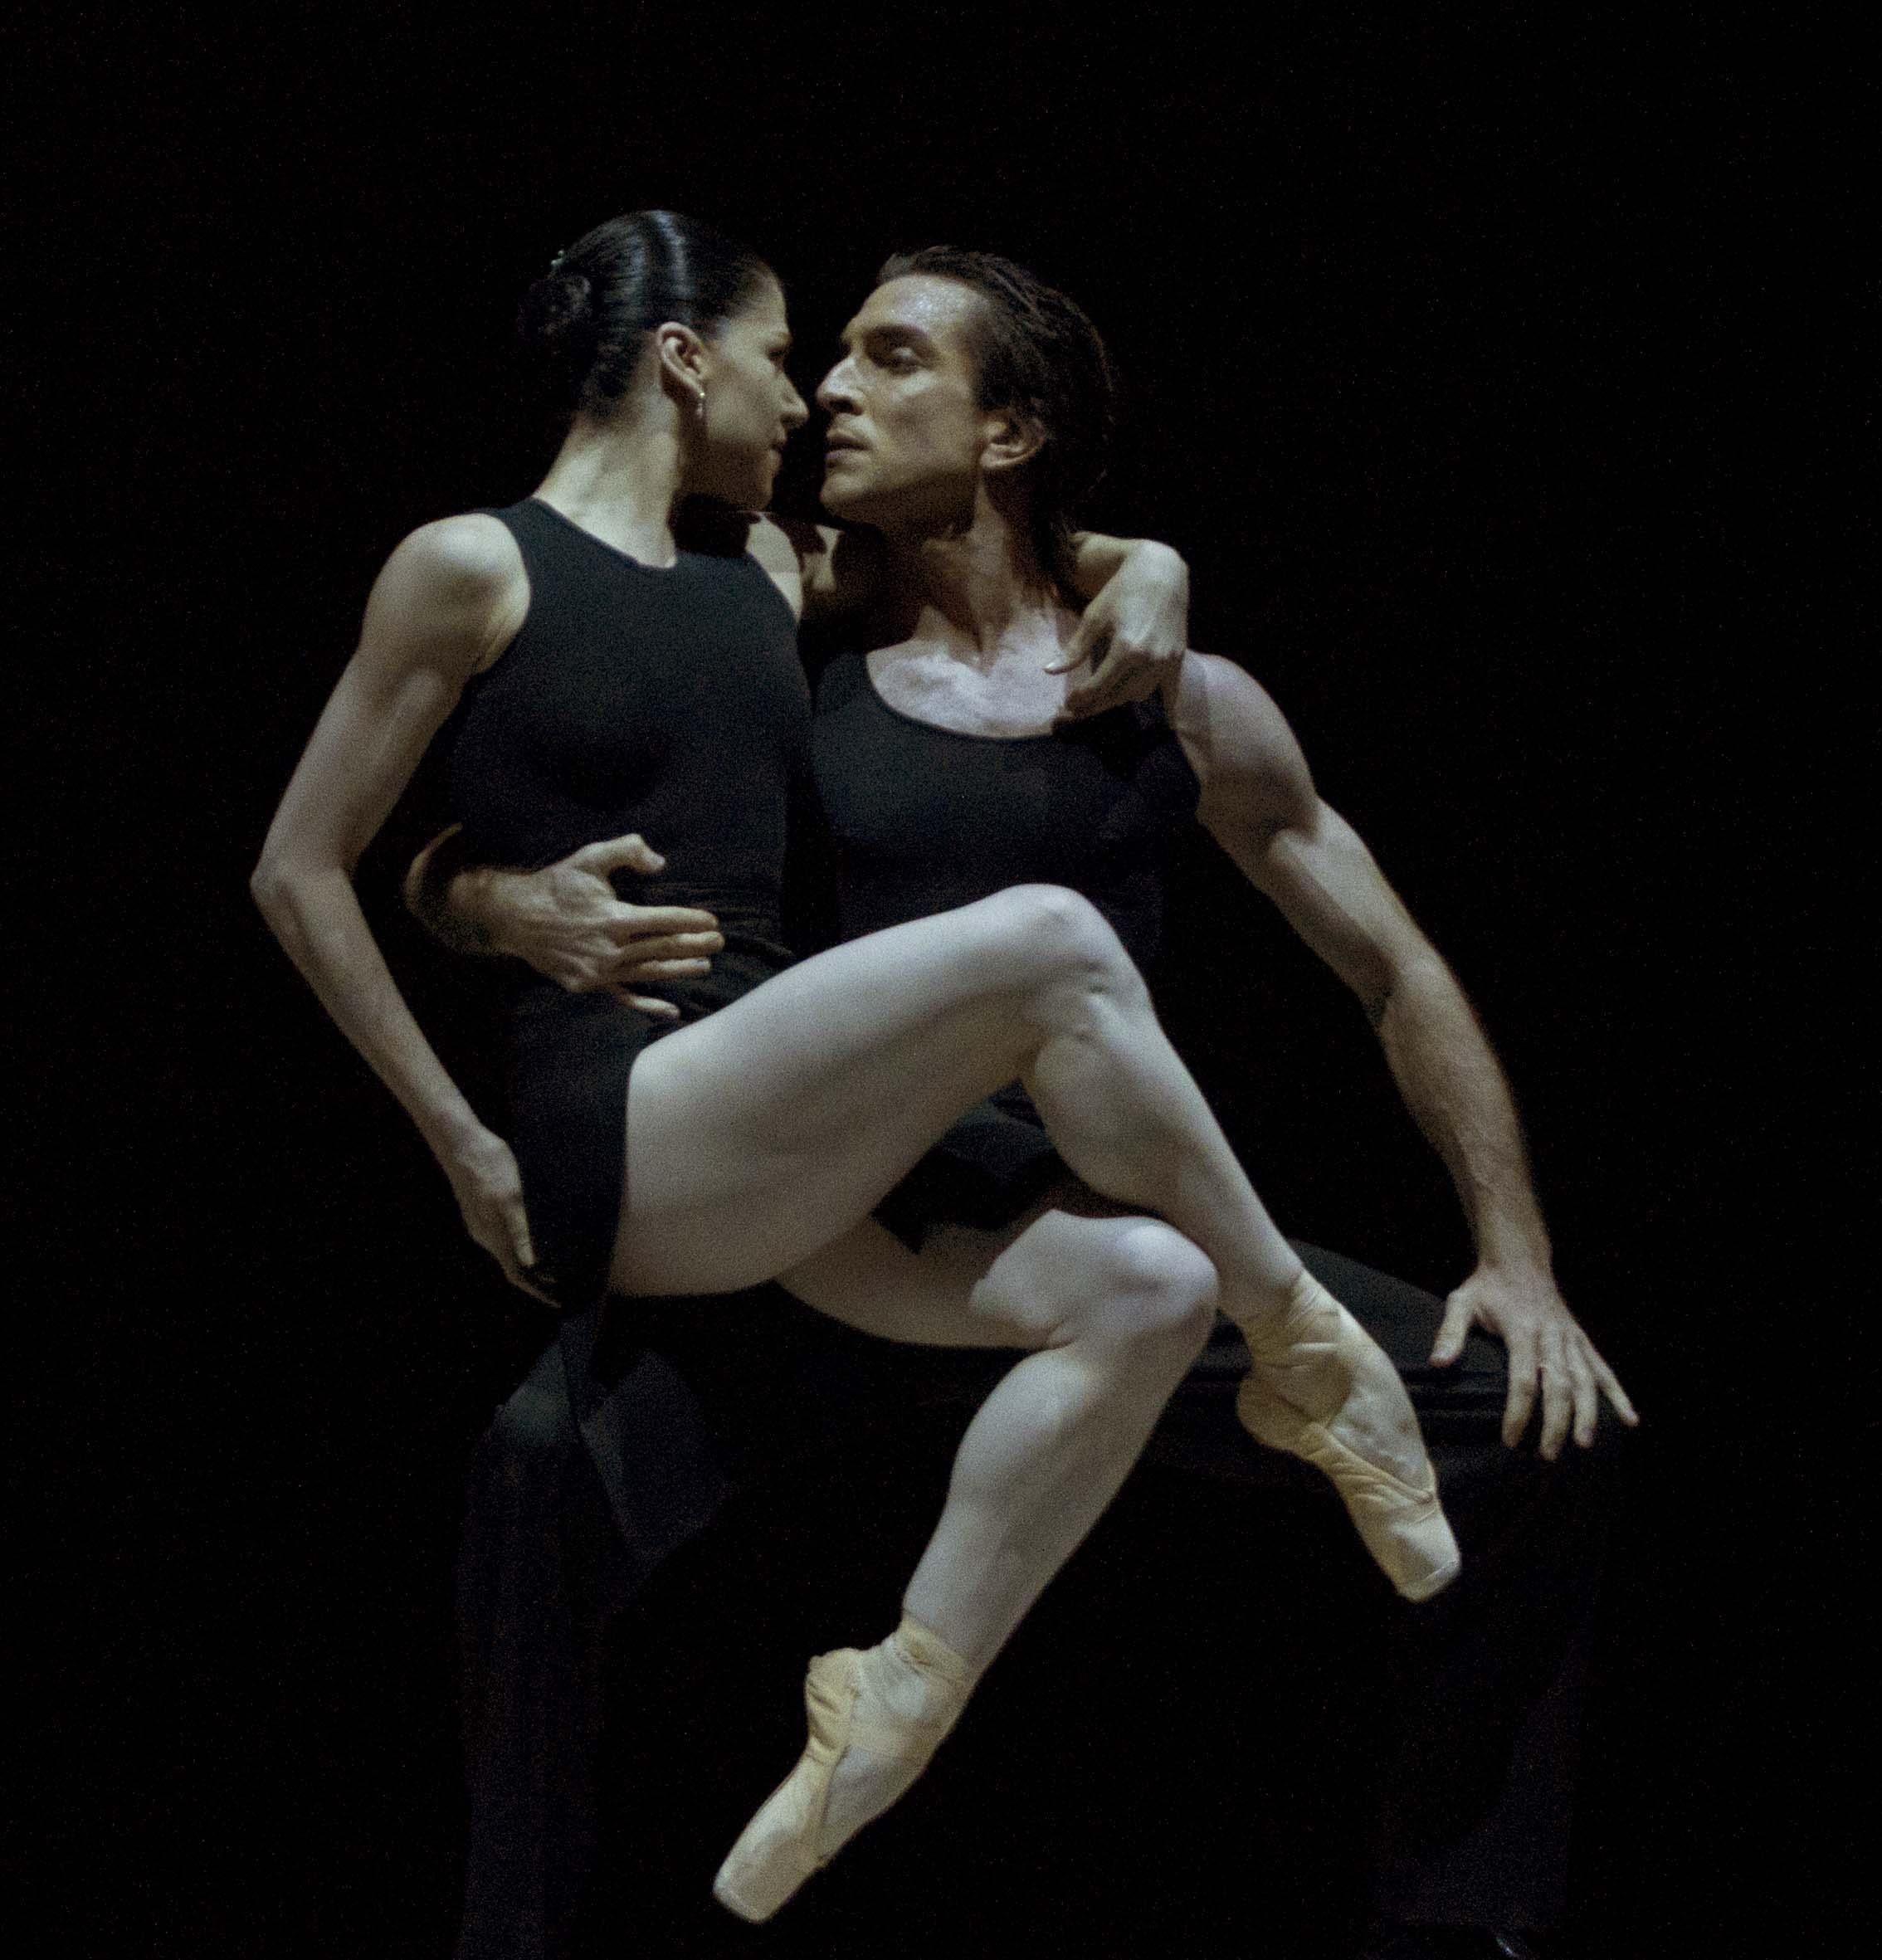 """Paloma Herrera y Juan Pablo Ledo, en """"Verano Porteño"""", con coeografía de Wainrot y música de Piazzolla. Foto: Alicia Sanguinetti."""